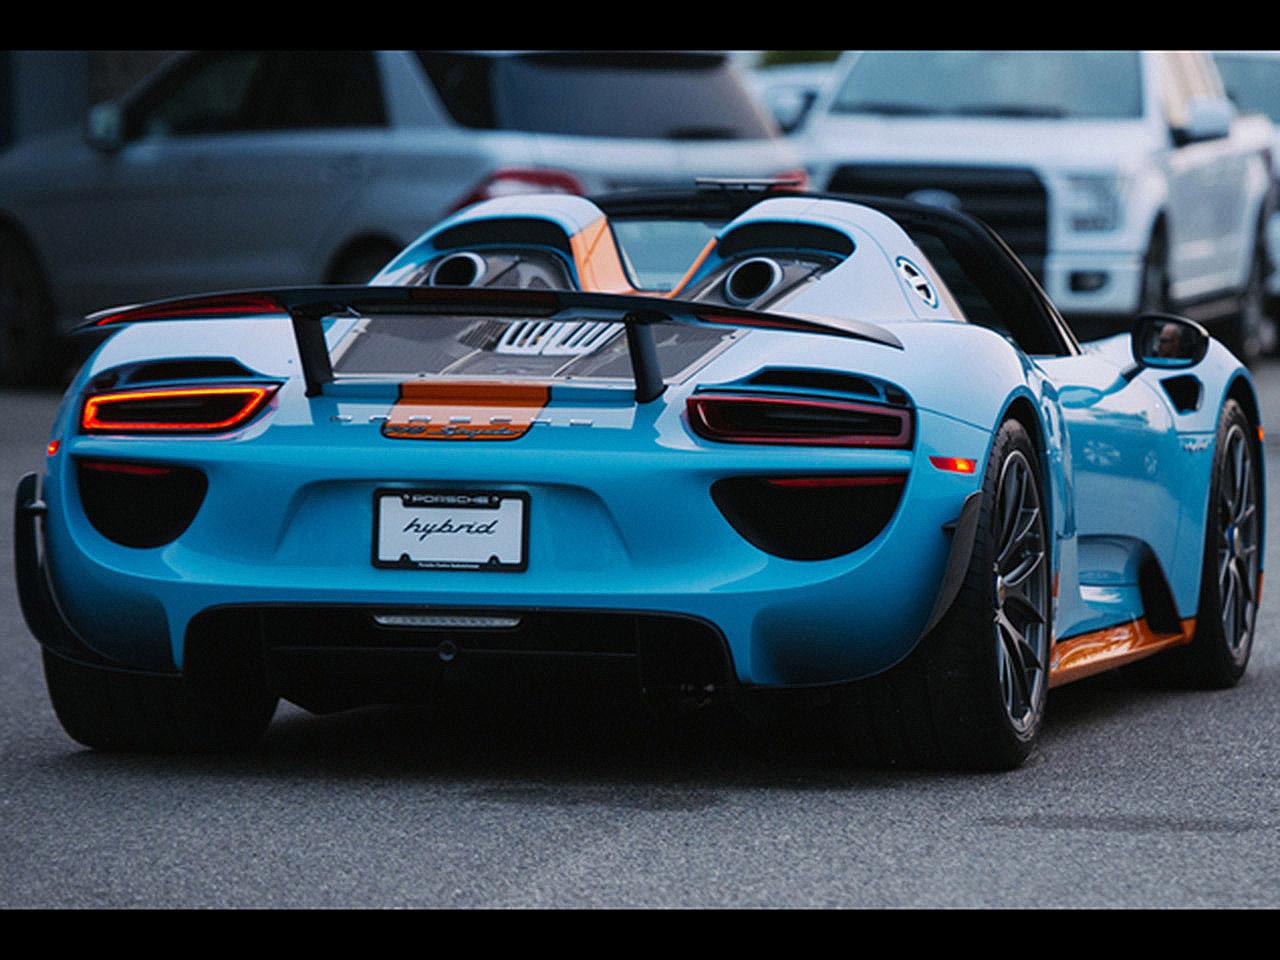 Porsche 918 Spyder Tuning Im Gulf Design Autozeitung De